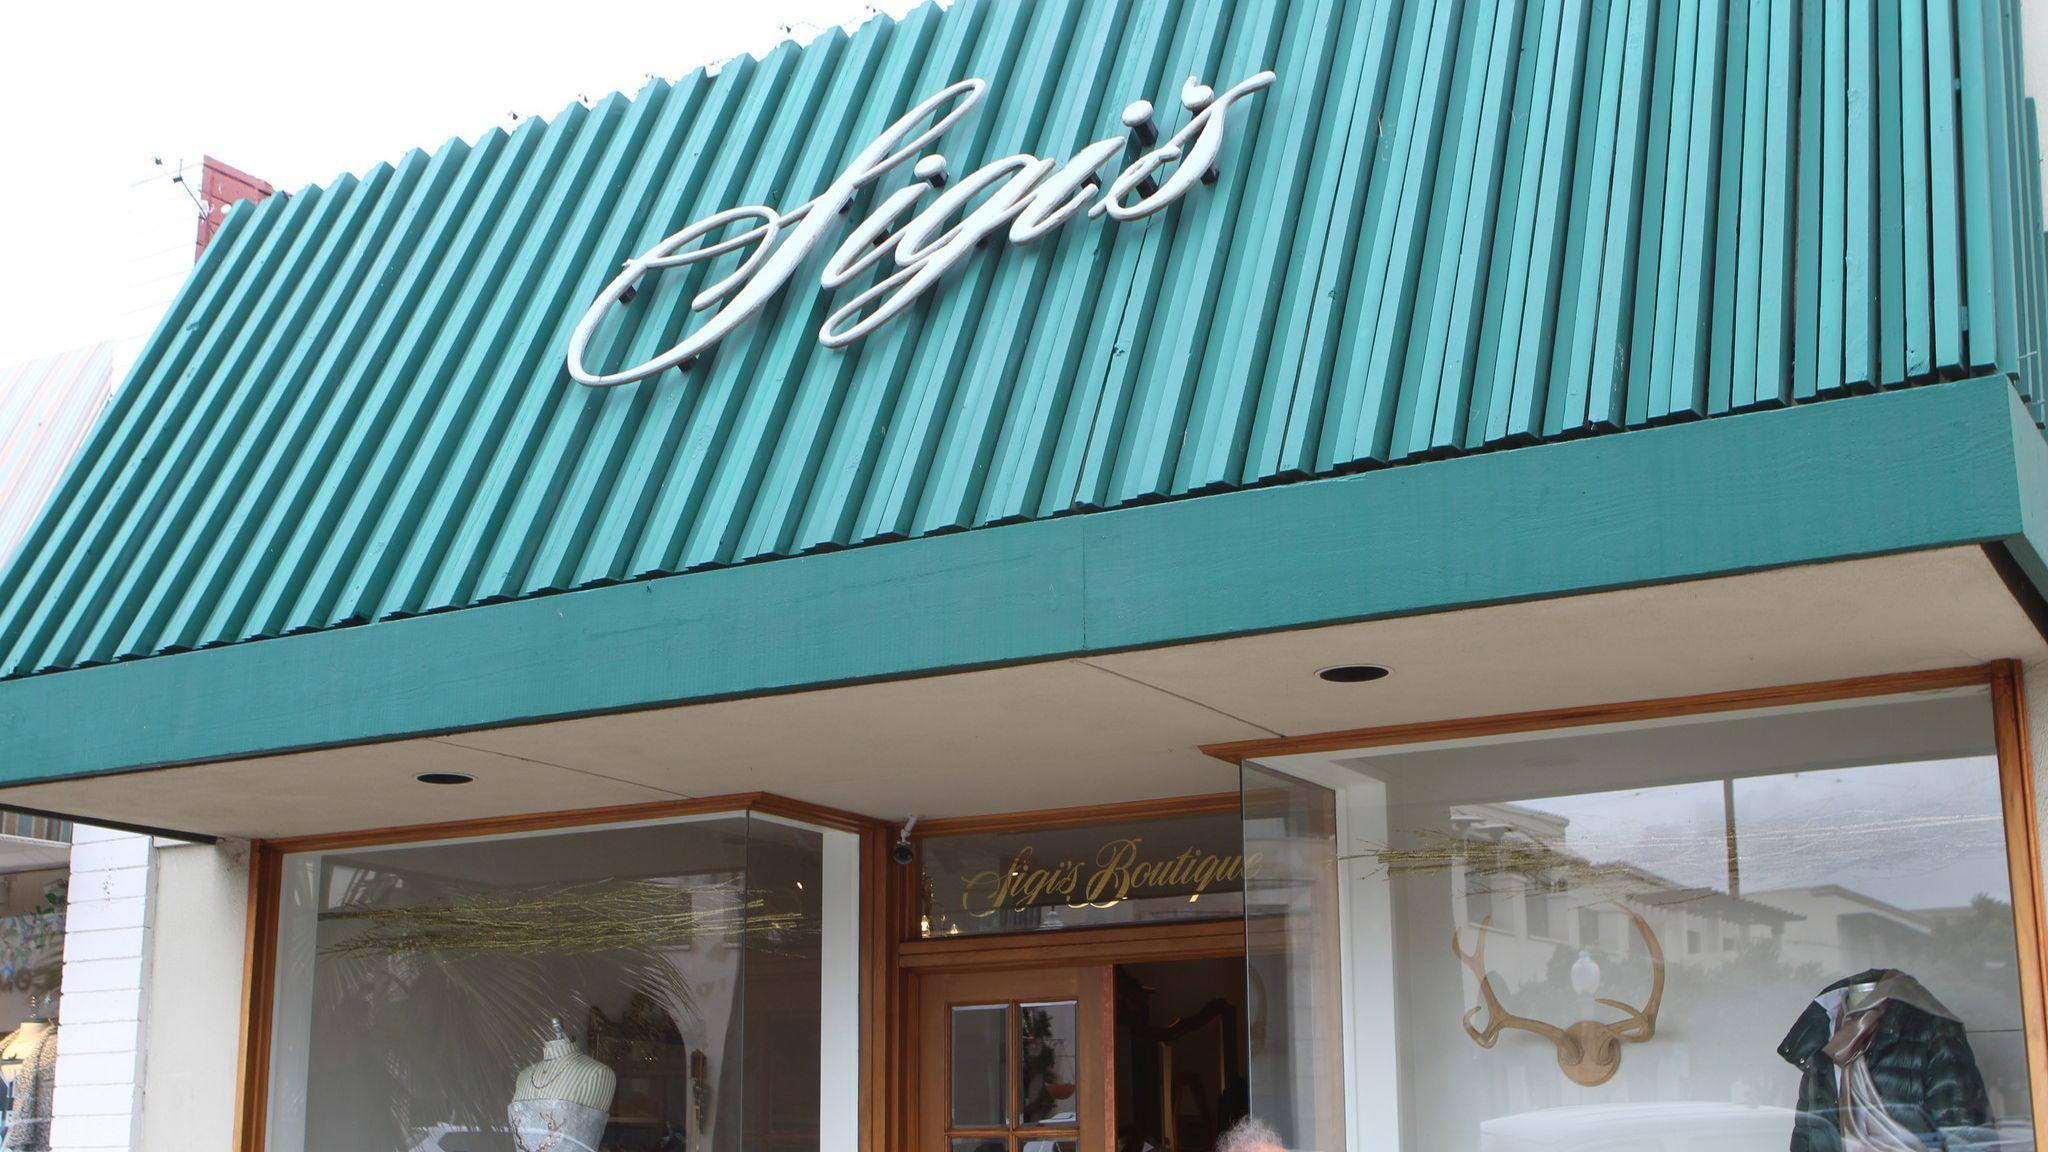 Sigi's Boutique